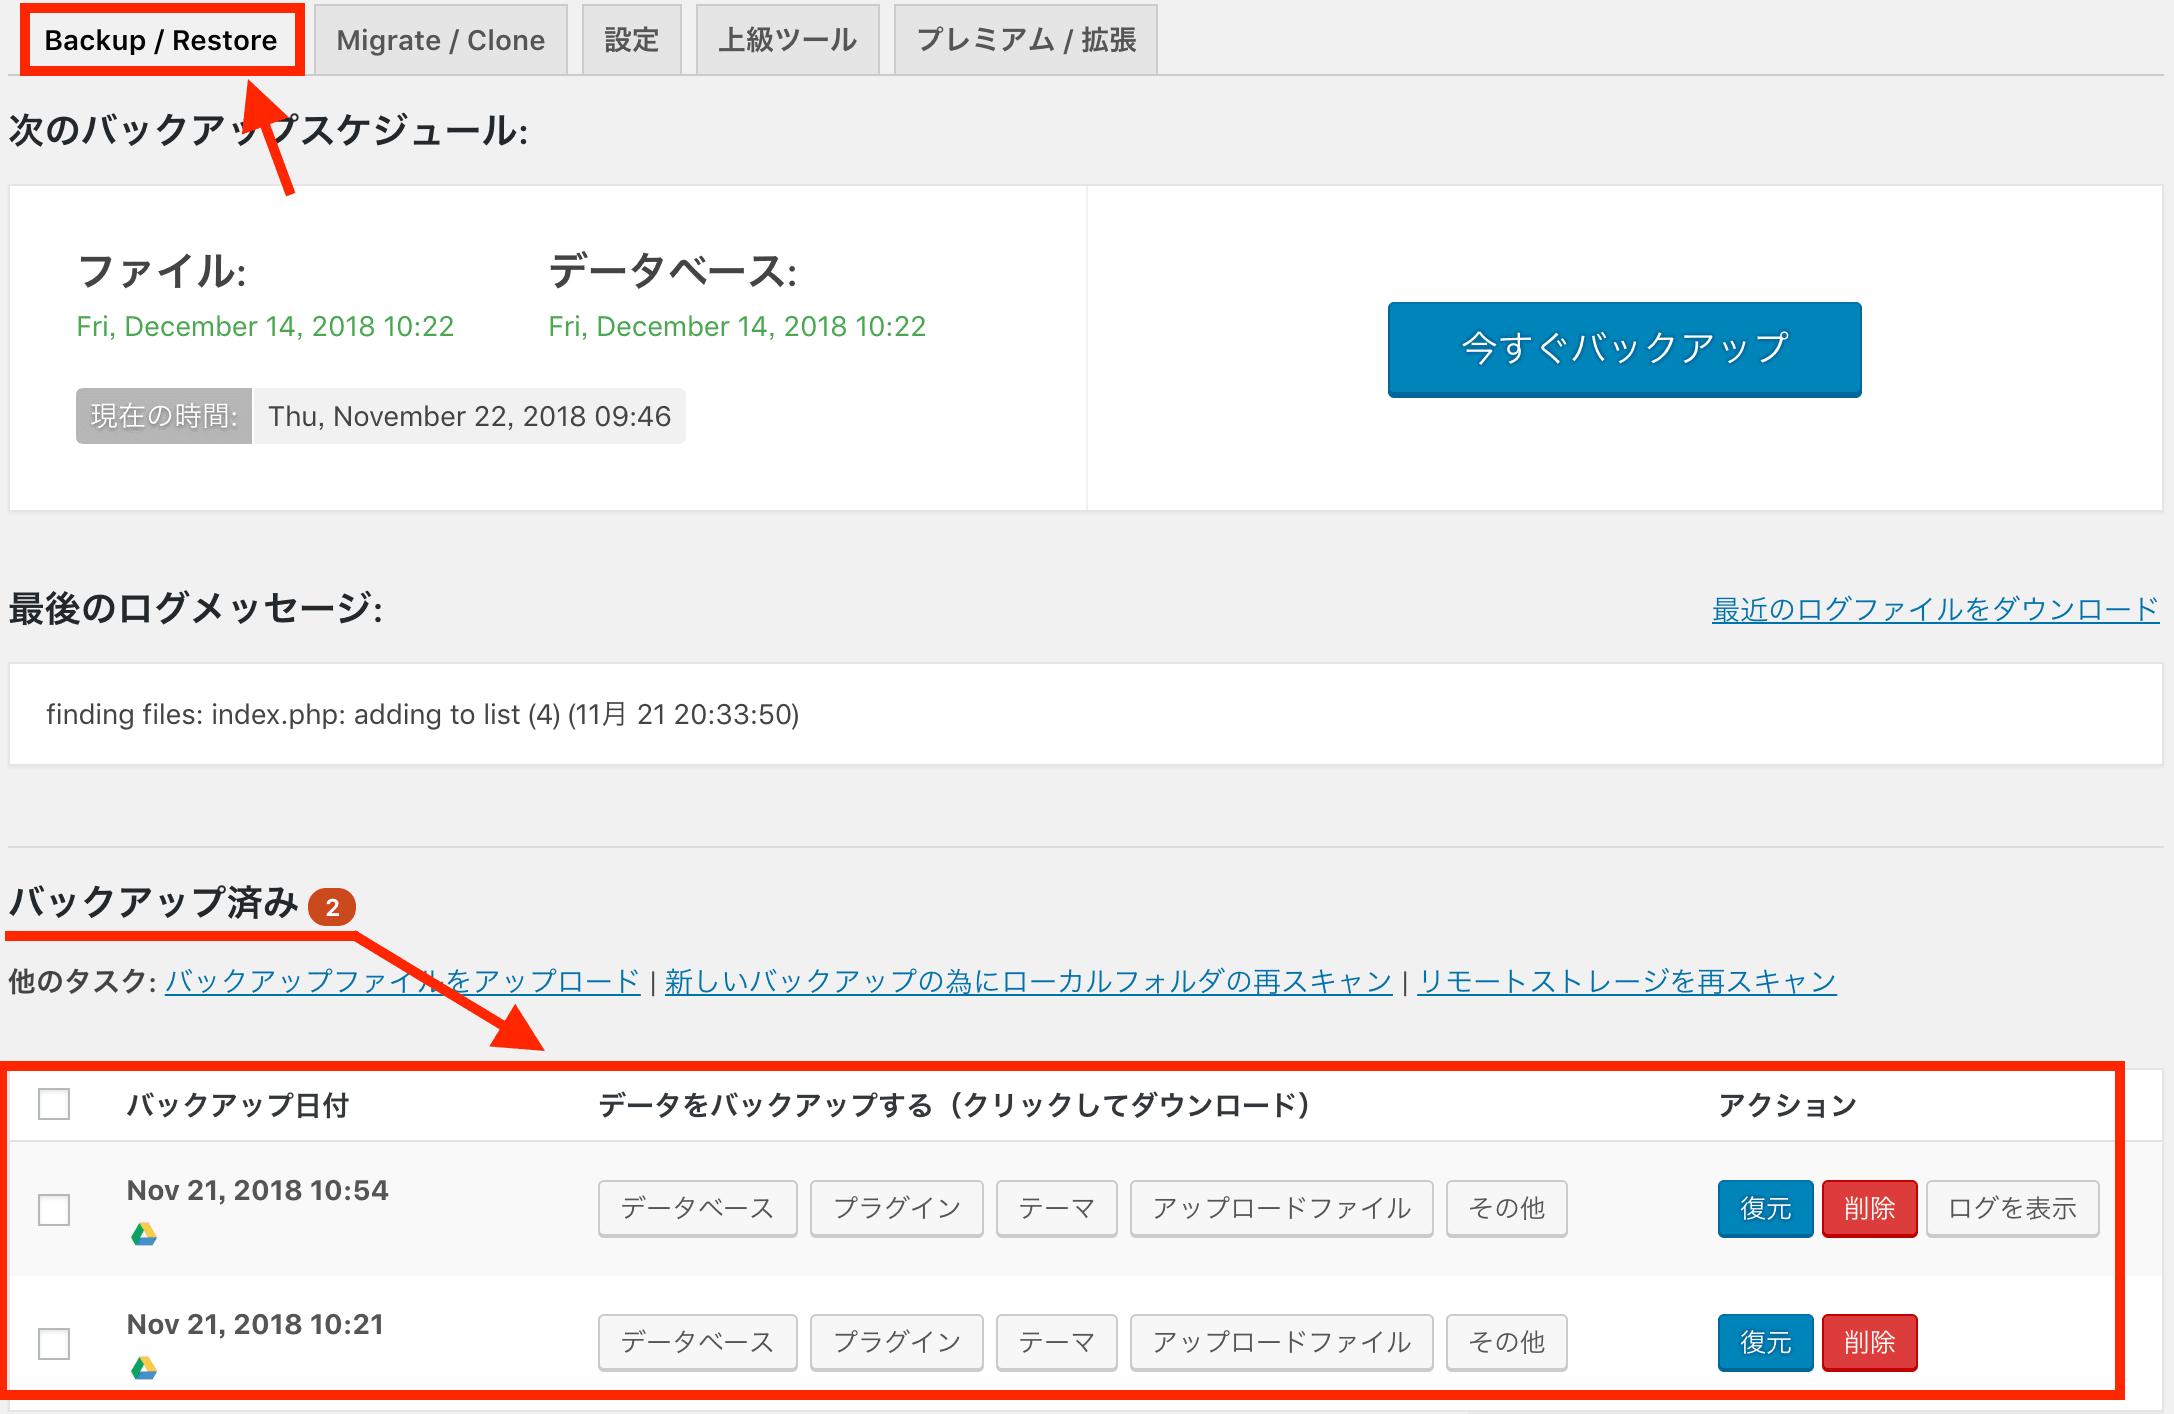 UpdraftPlus-Backup/Restore